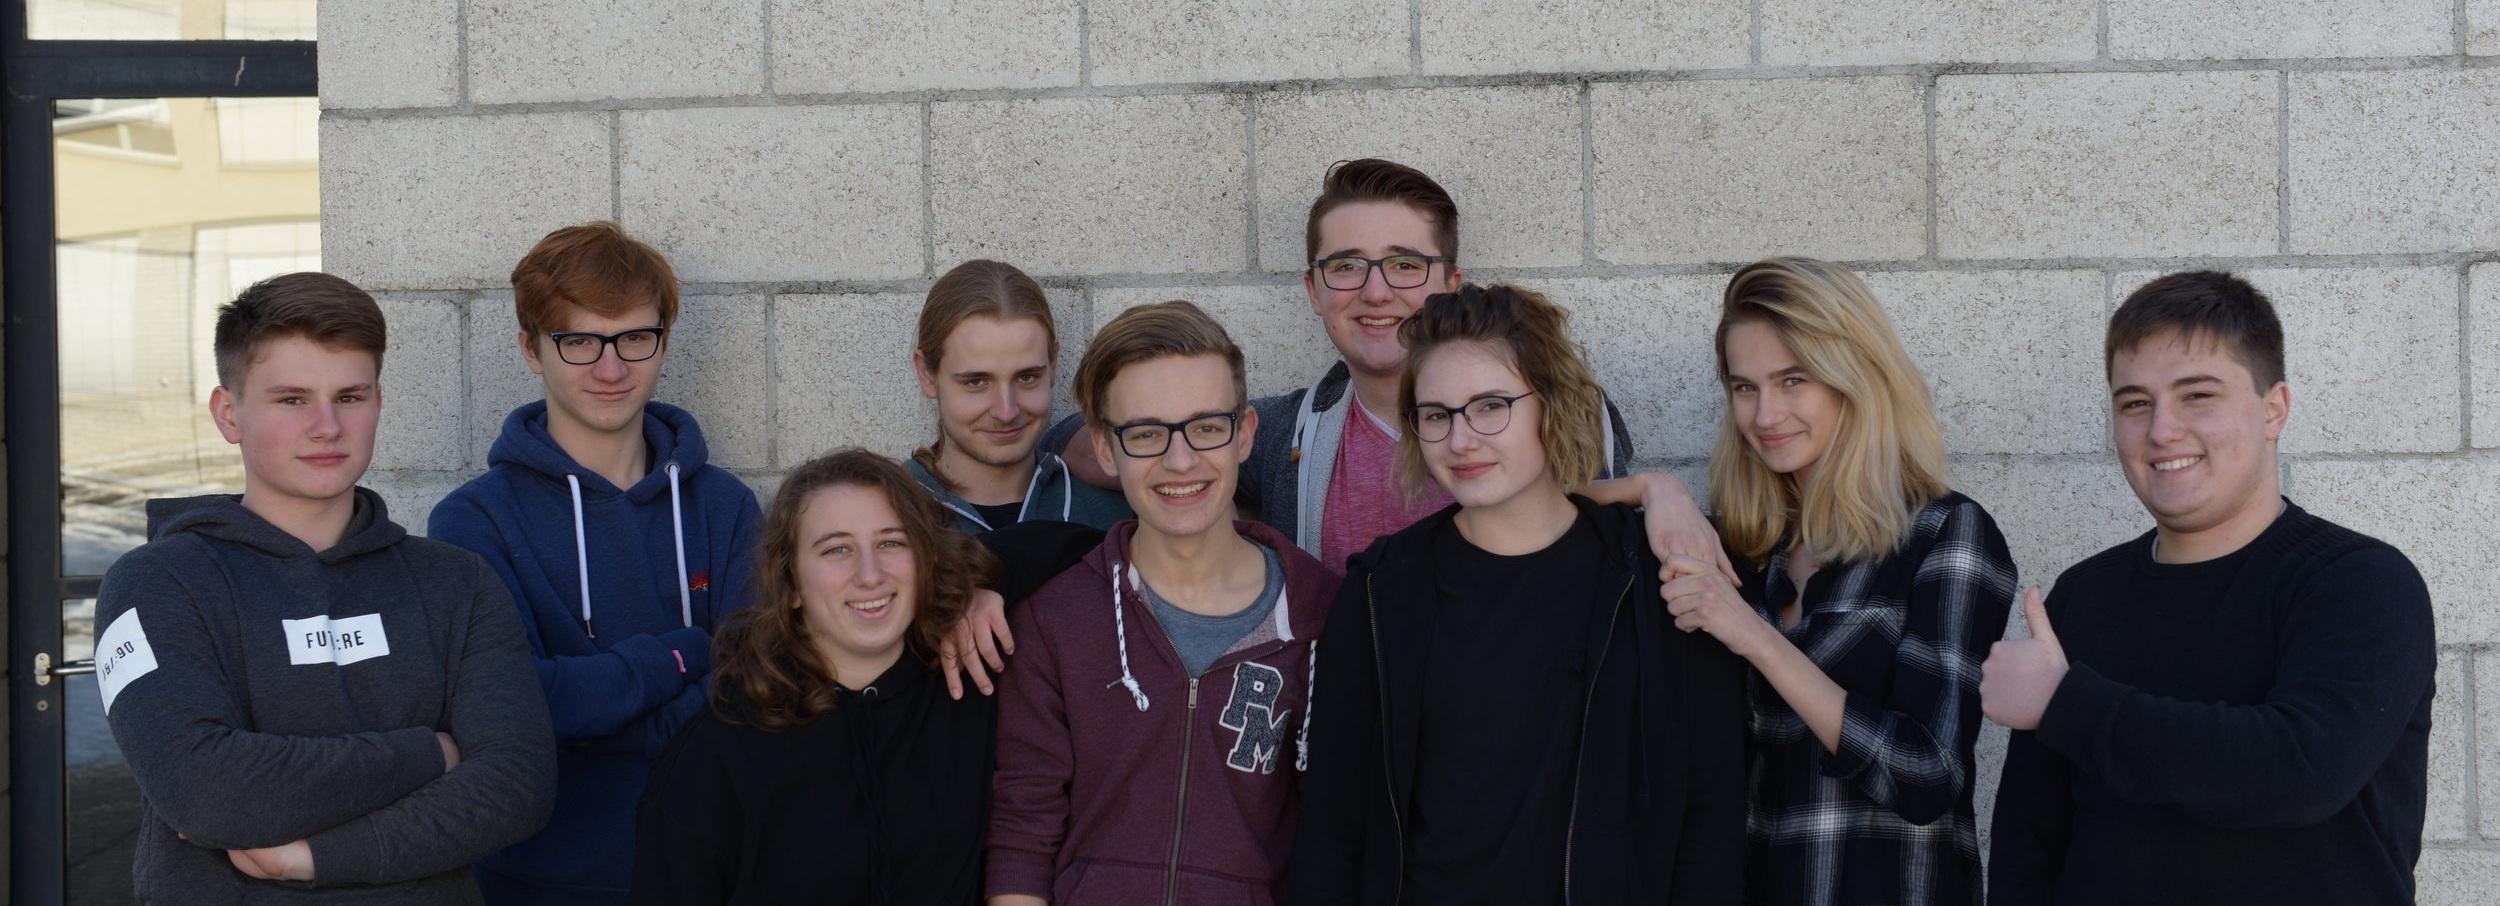 (v.l.) David (16), Elias (17), Šana (17), Vinzenz (18), Julian (17), Jerome (17), Carole (19), Annica (16), Adrian (18) und Nils (15, nicht auf Foto) verkörpern die Mechaniker, oder einfach gleich das ganze Team :)